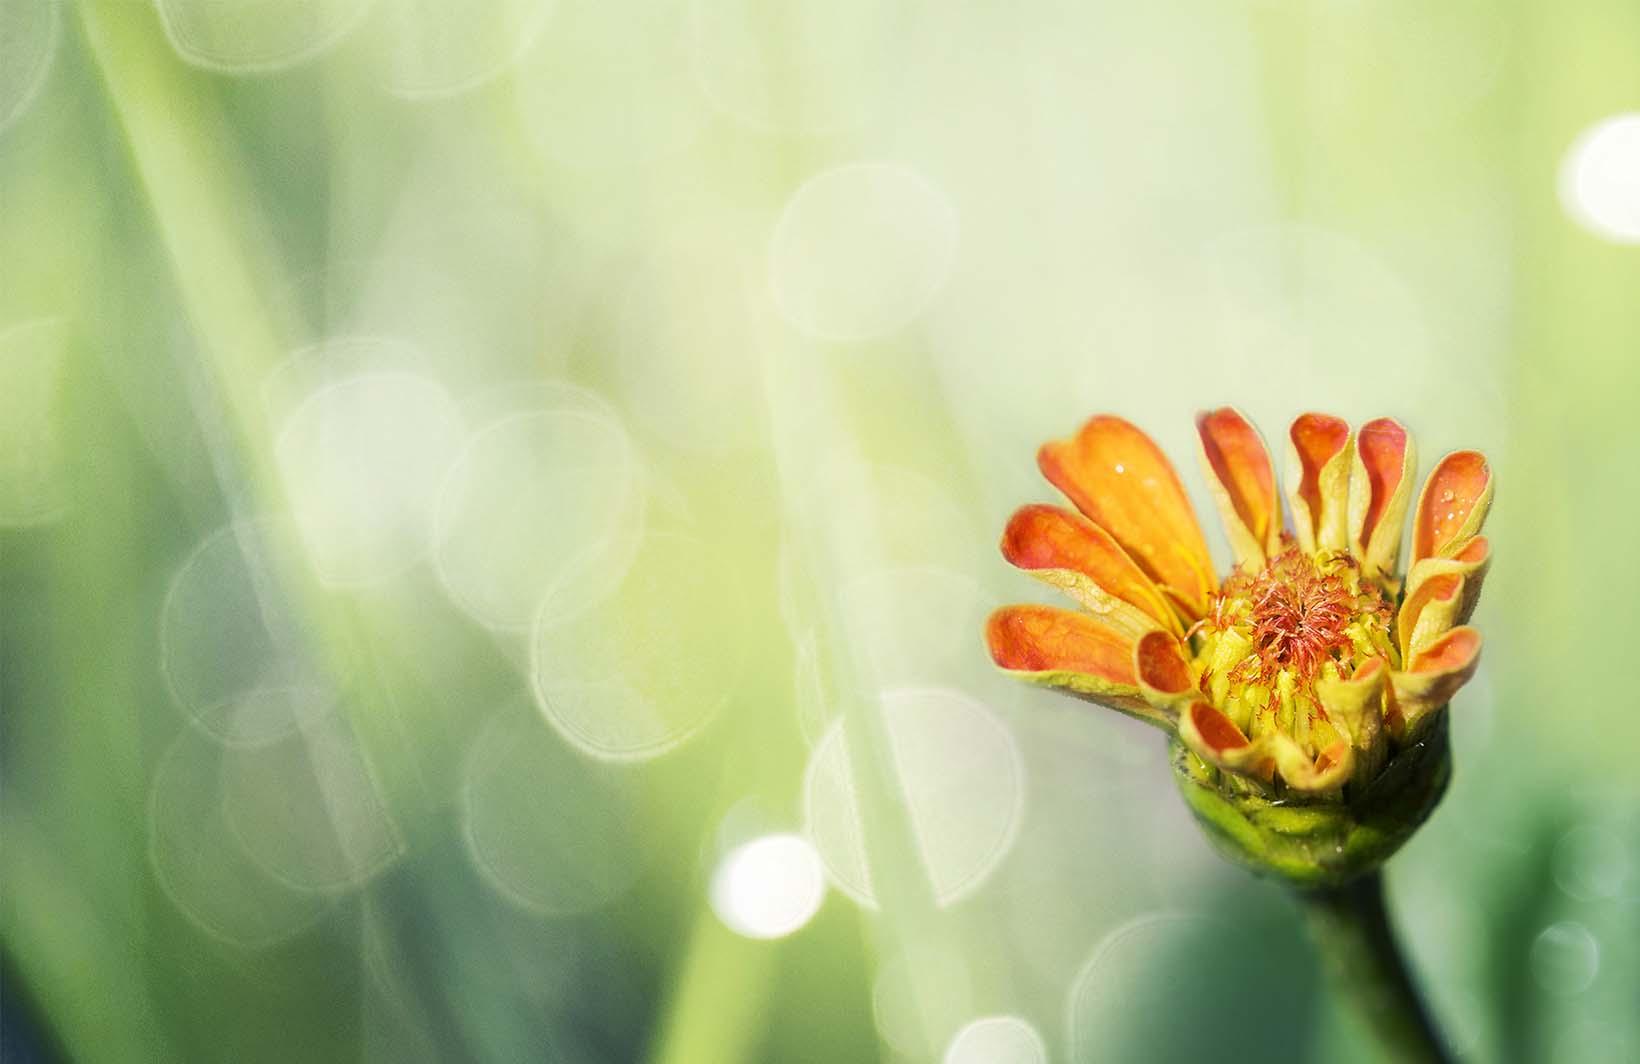 Фотообои с летним цветком в лучах солнца для спальни девочки Узоры на Стене